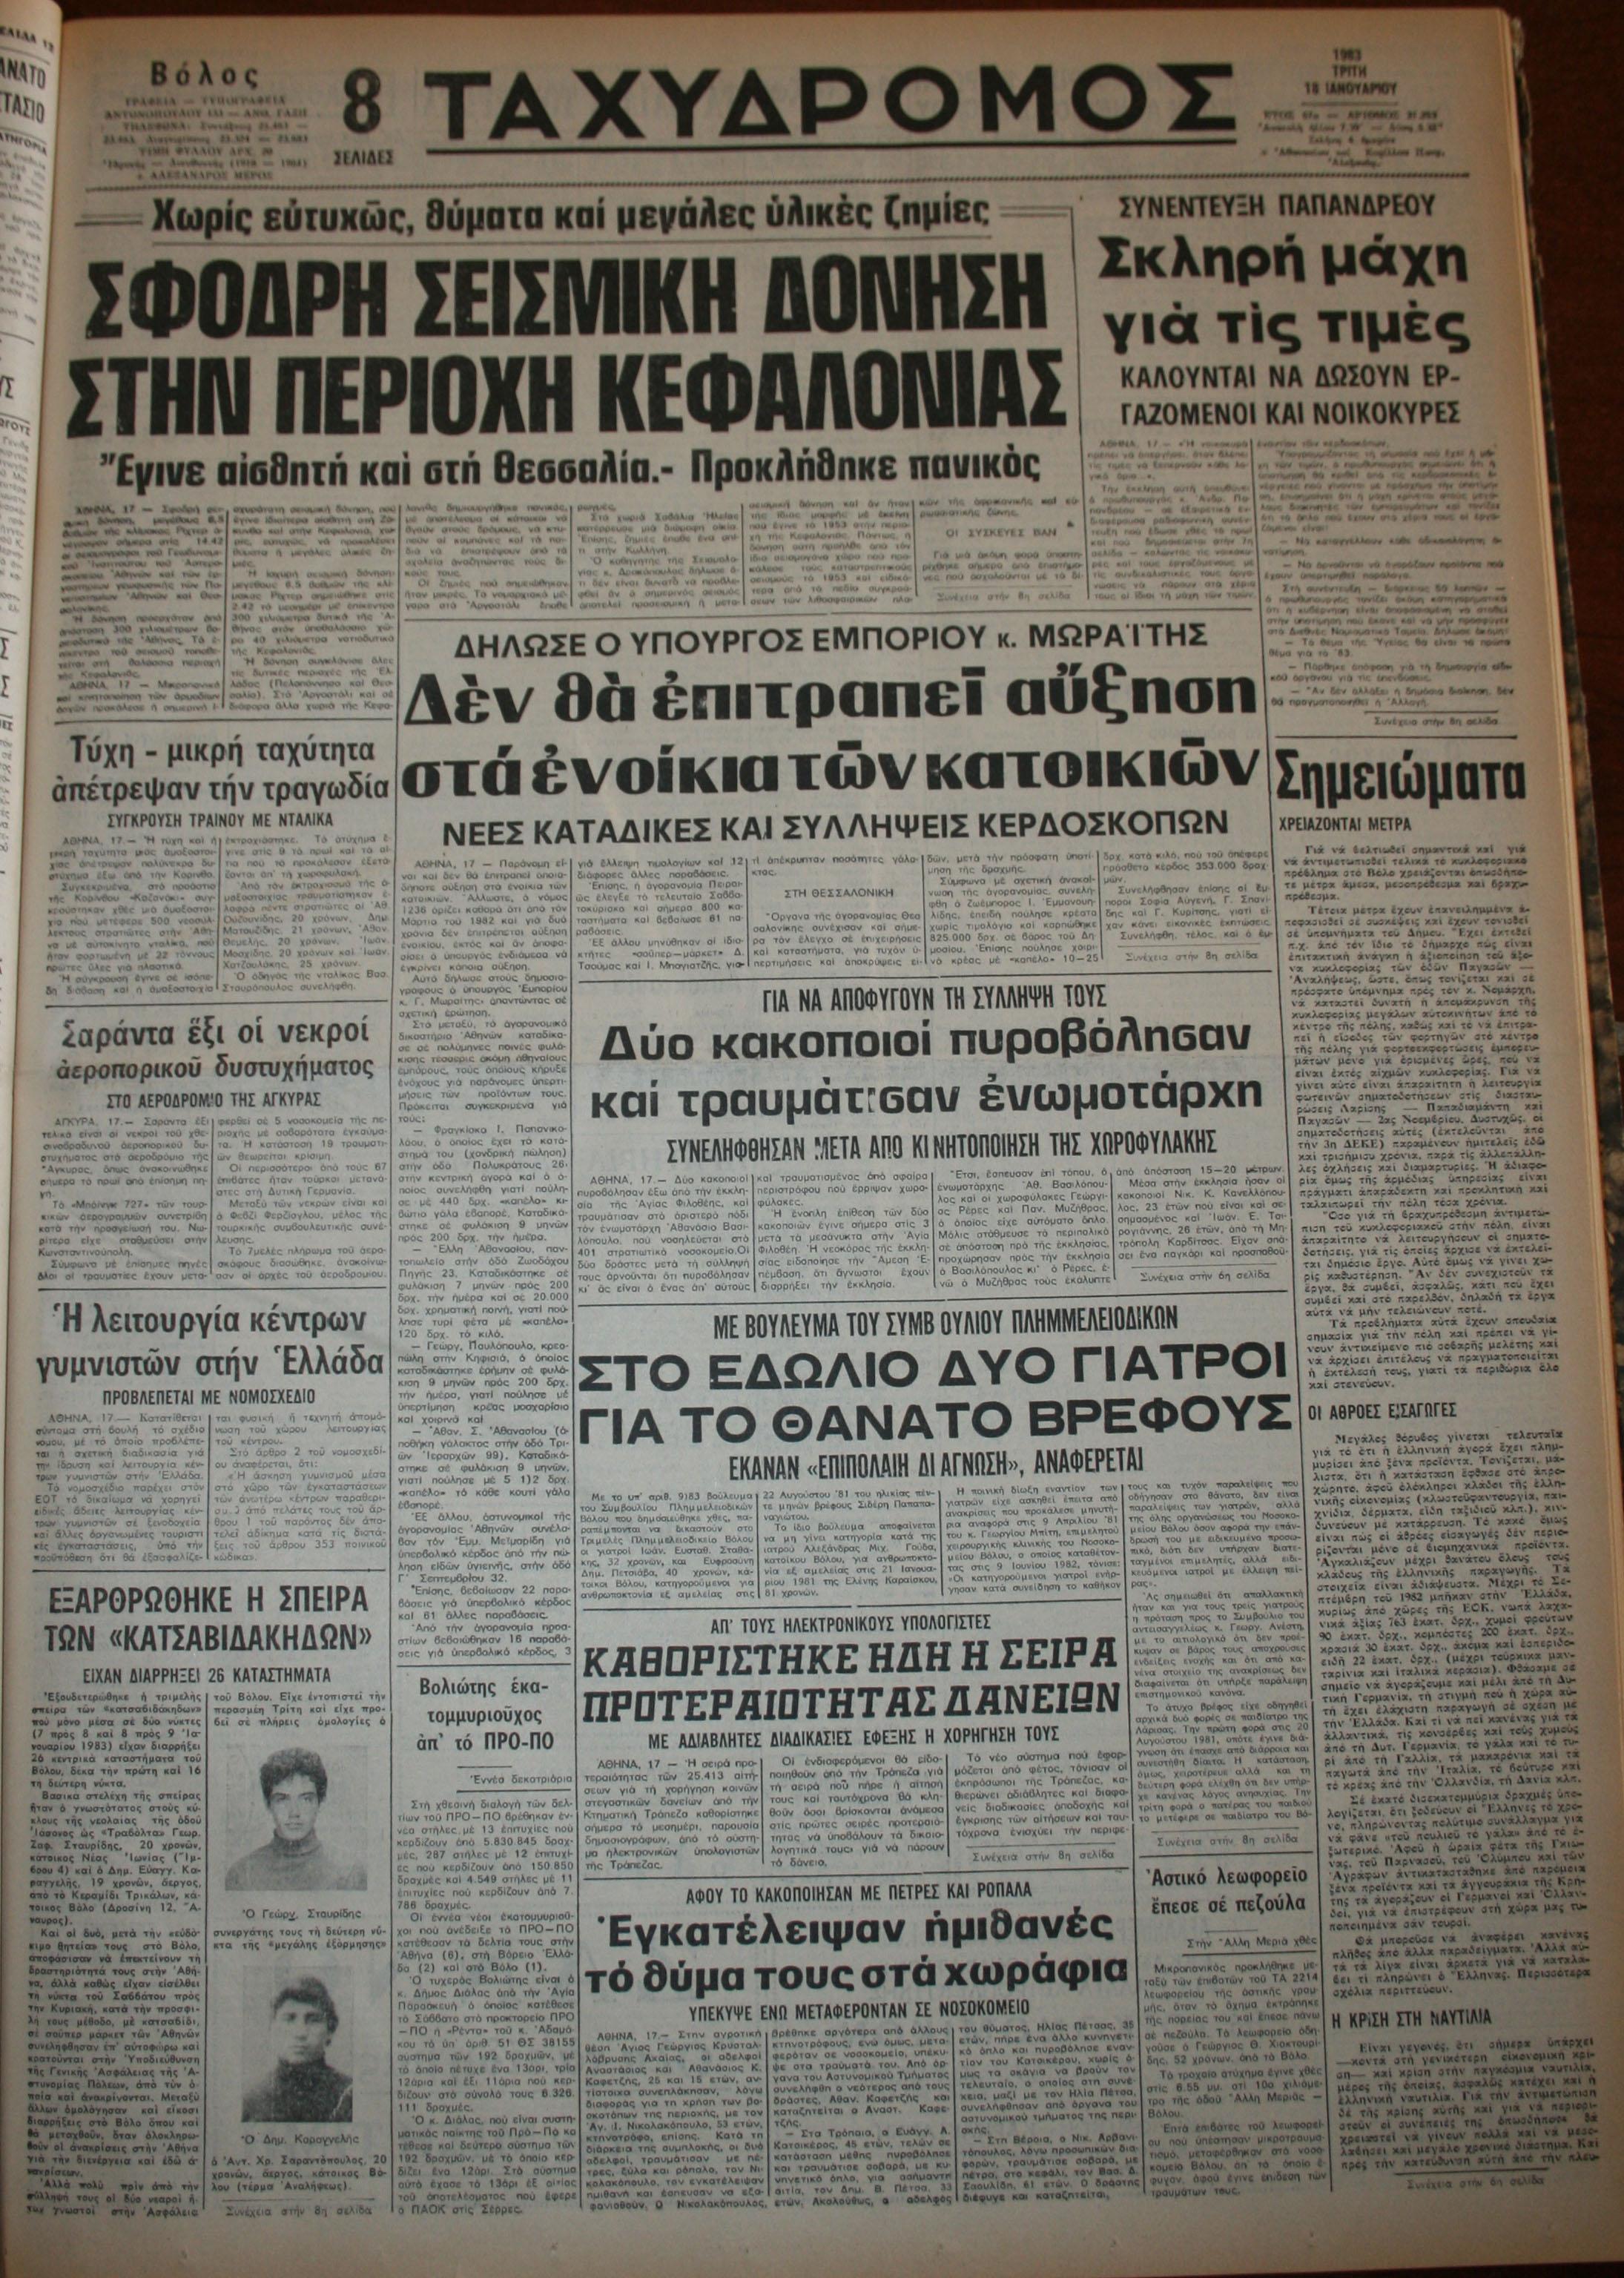 18  Ιανουαρίου 1983